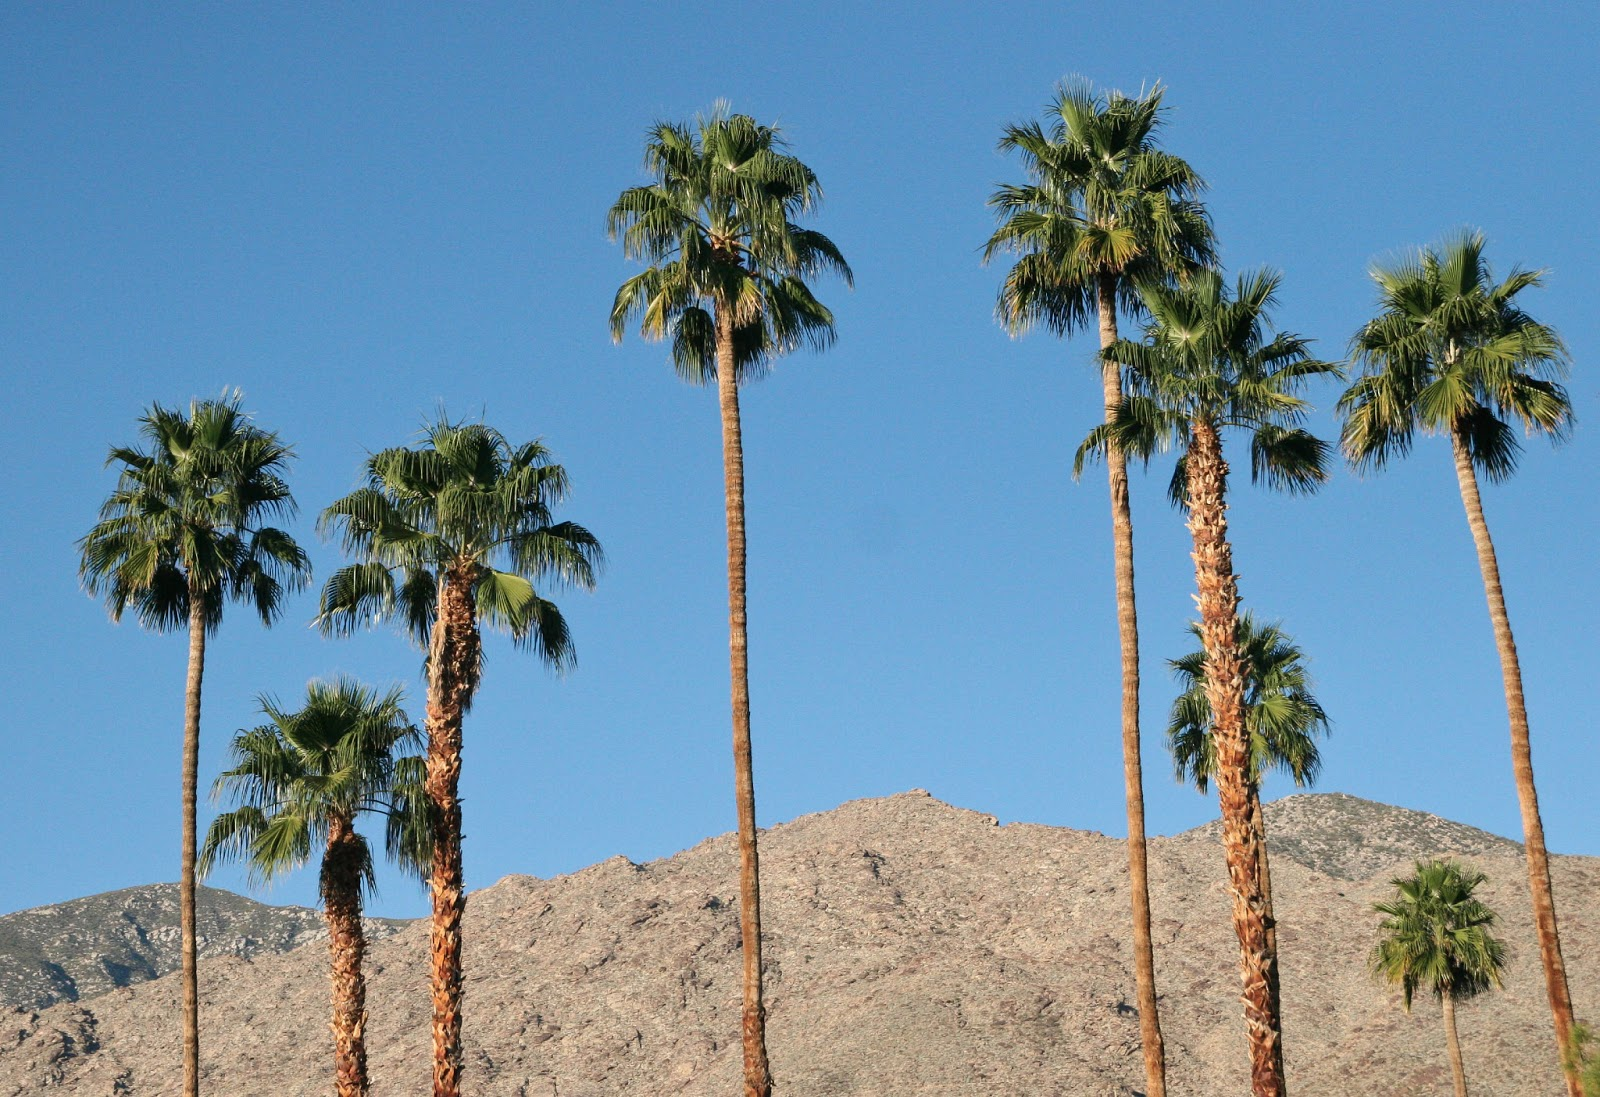 CaliforniaDesert Hot Springs Black Dating